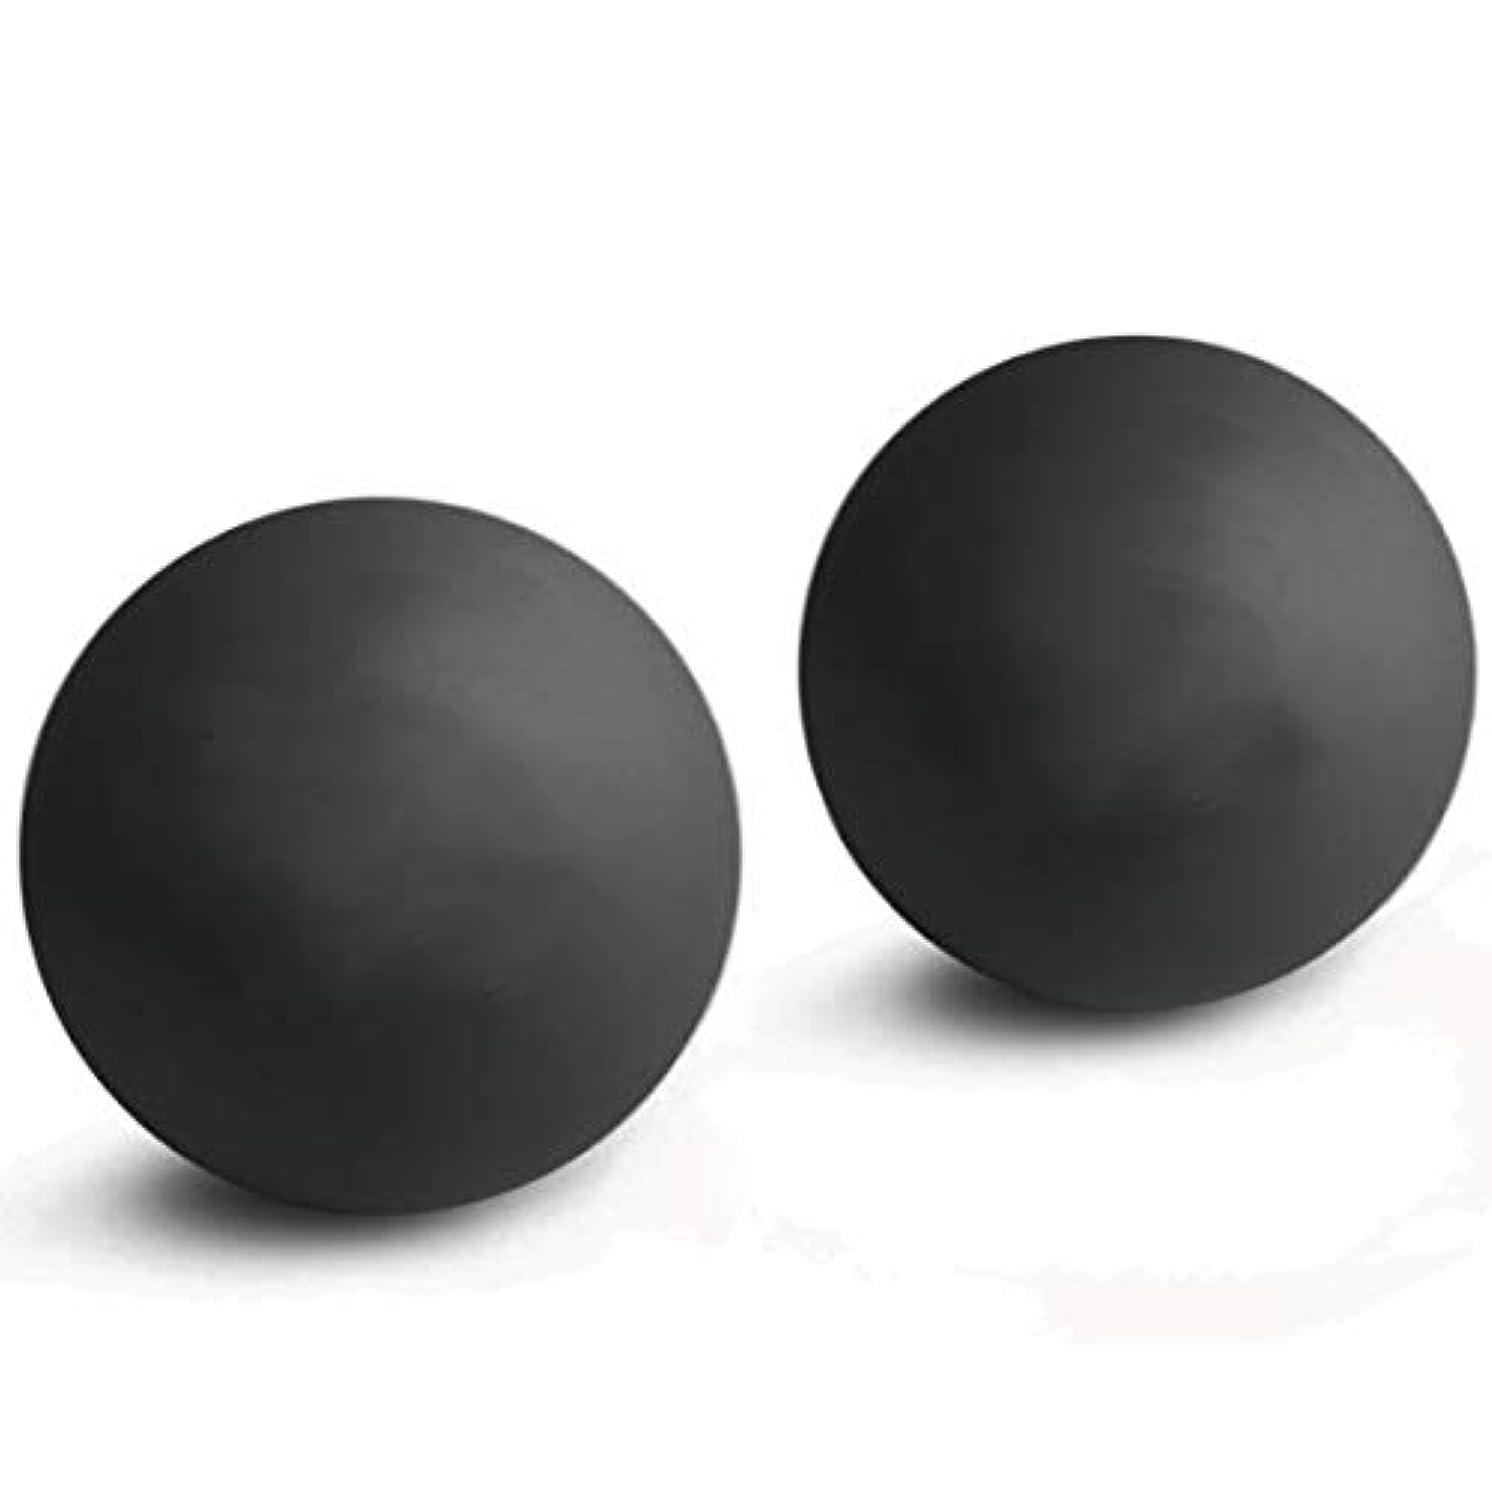 磁気記念品炭水化物2個入マッサージボール 触覚ボール ストレッチボールトリガーポイント 肩 背中 腰 足裏 全身 ツボ押しグッズ